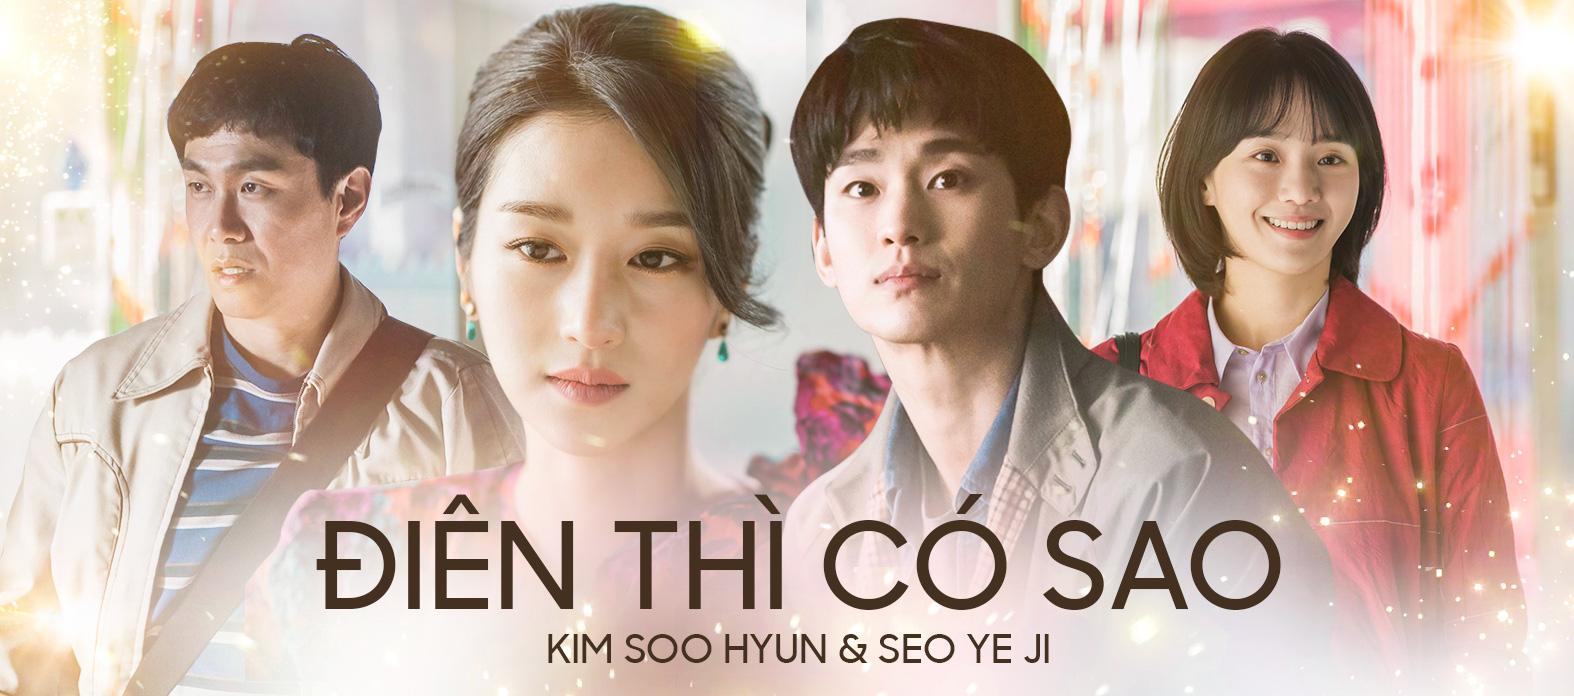 Lộ diện nam thần luôn che chở Kim Soo Hyun suốt 7 năm từ Vì Sao Đưa Anh Tới đến Điên Thì Có Sao - Ảnh 9.